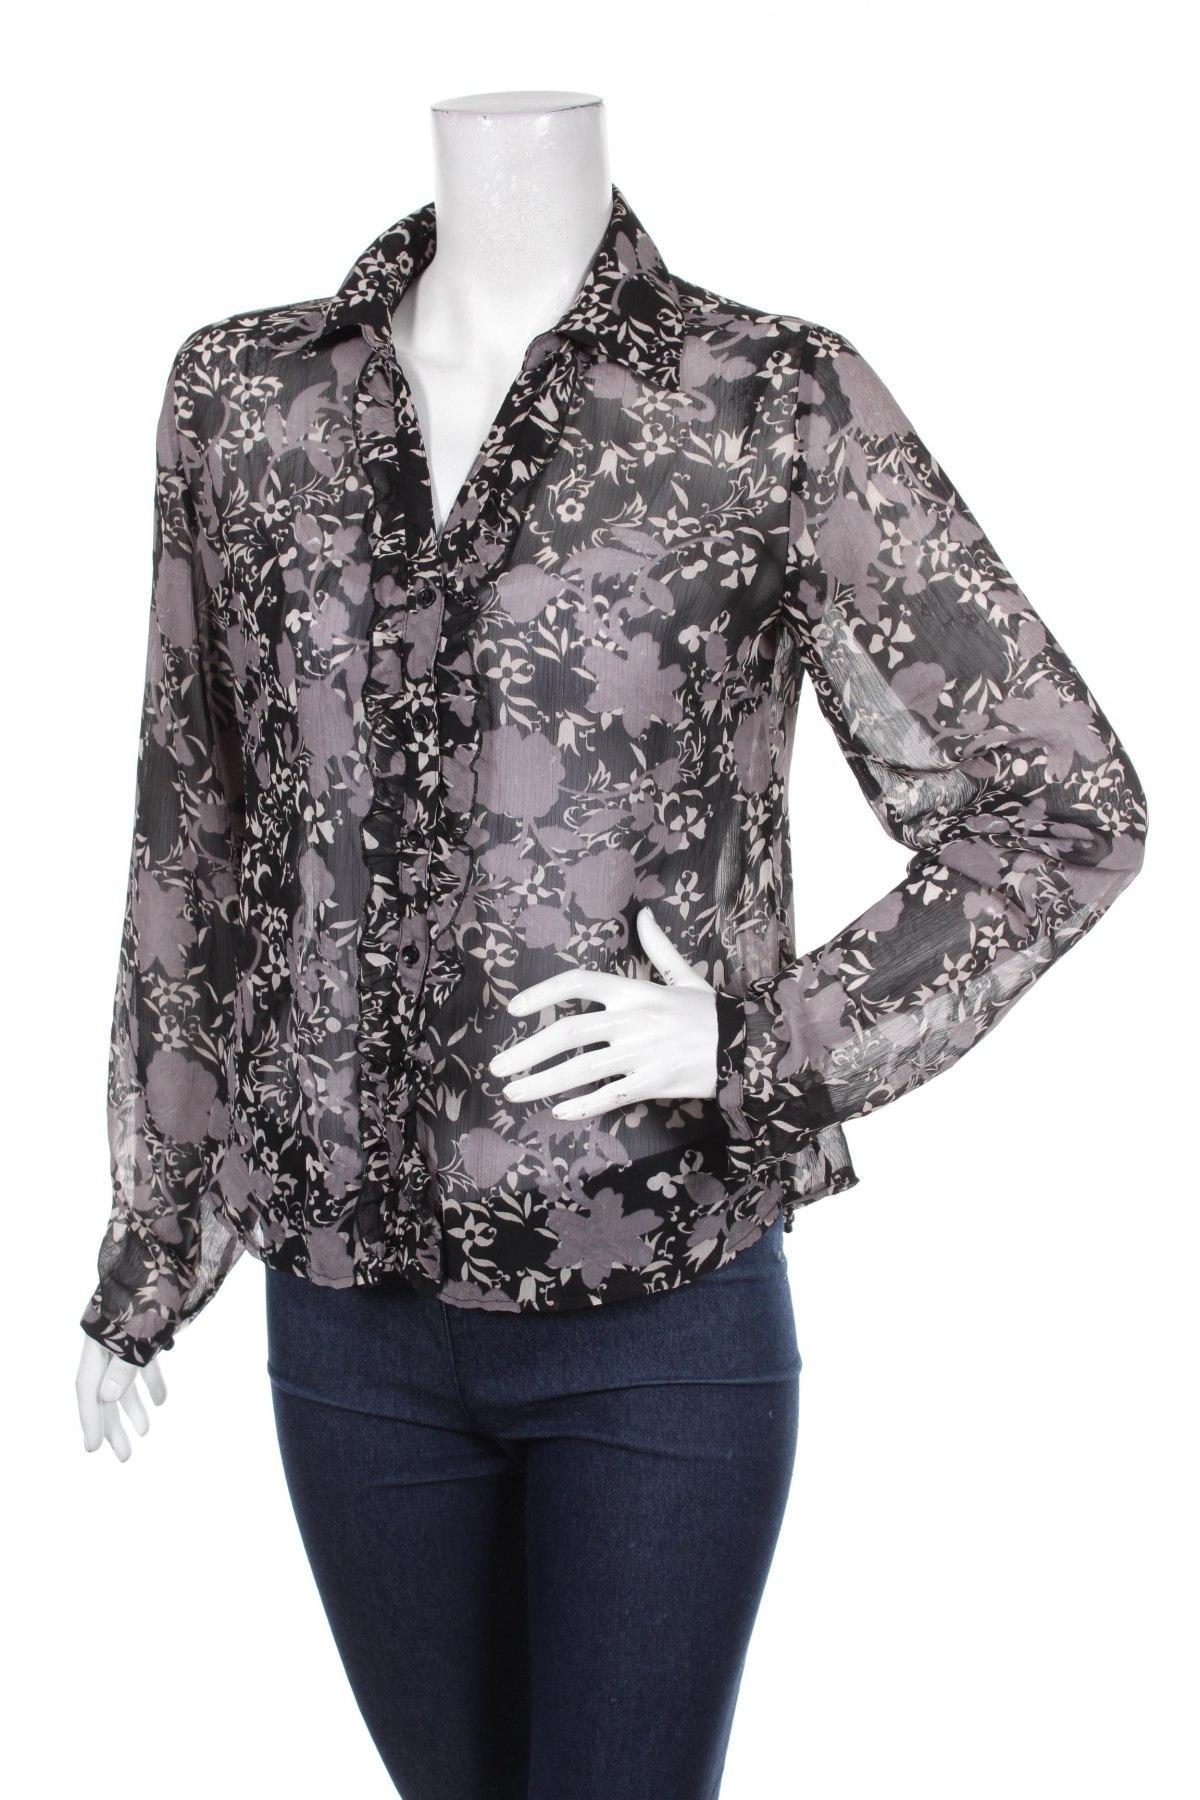 Γυναικείο πουκάμισο Zero, Μέγεθος S, Χρώμα Μαύρο, 100% πολυεστέρας, Τιμή 12,99€